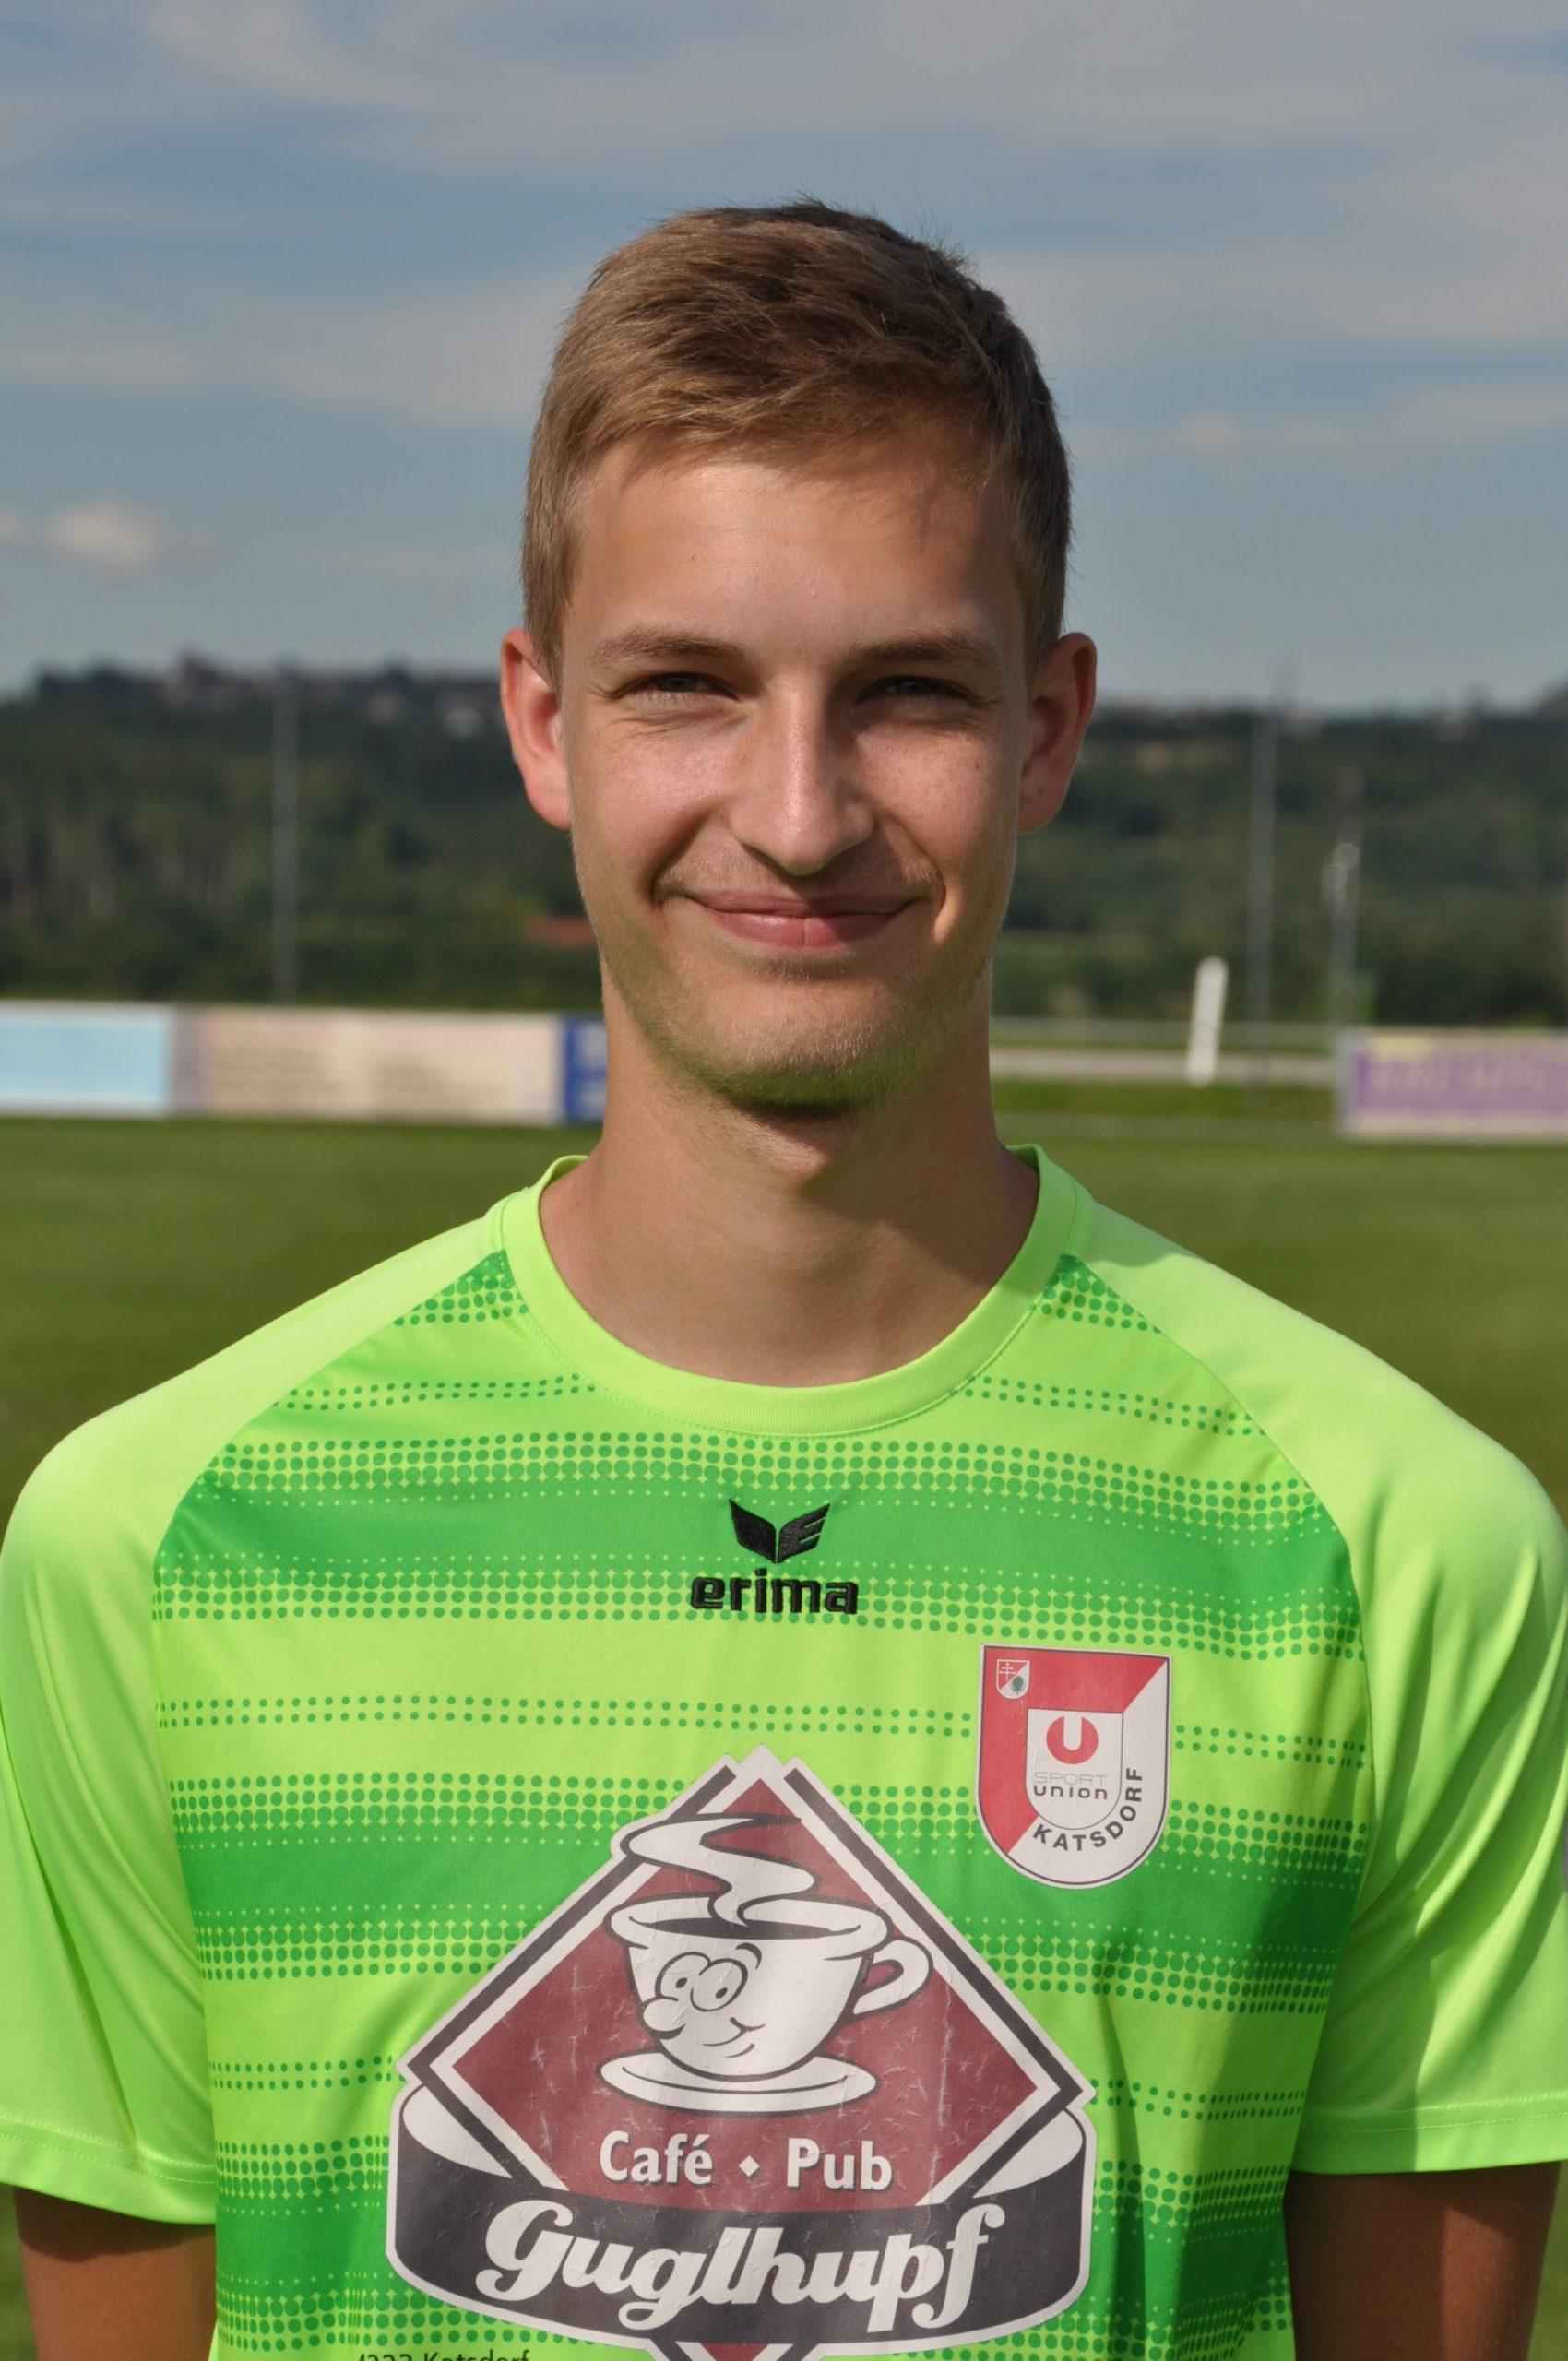 Union Katsdorf - Niklas Raml